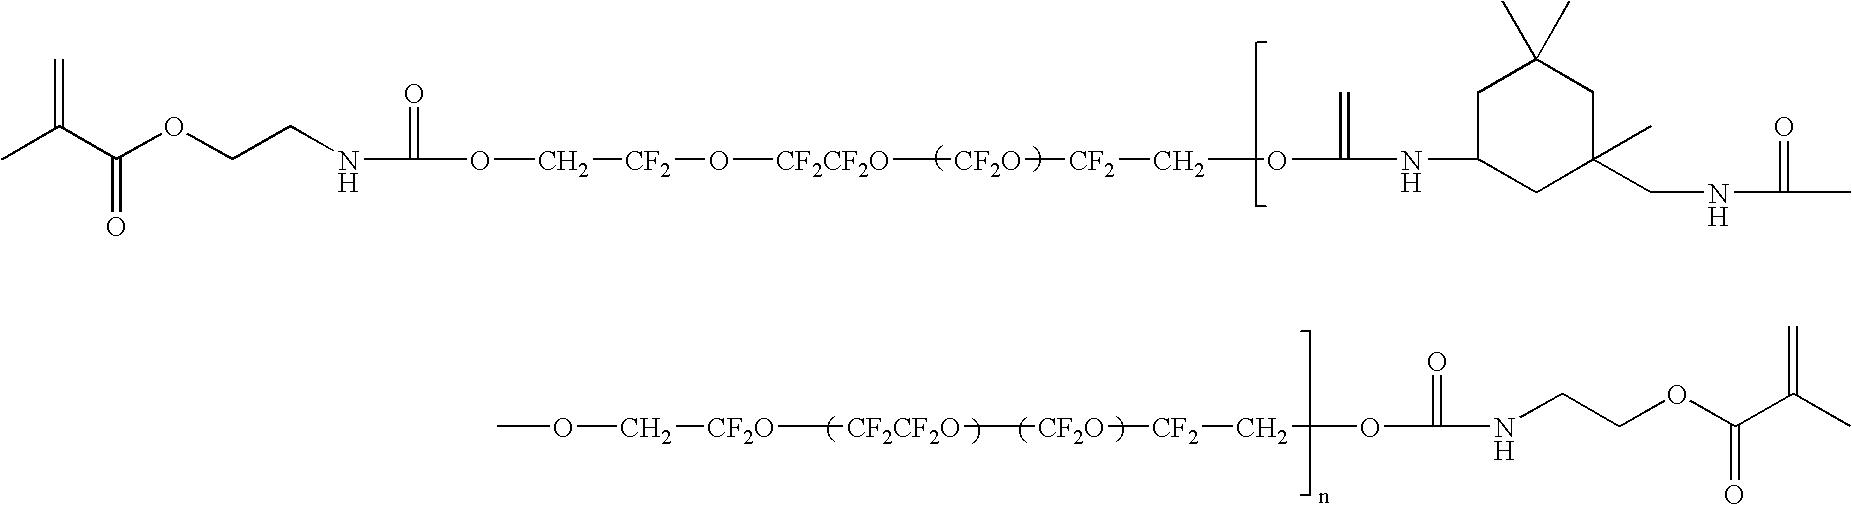 Figure US20070275193A1-20071129-C00012